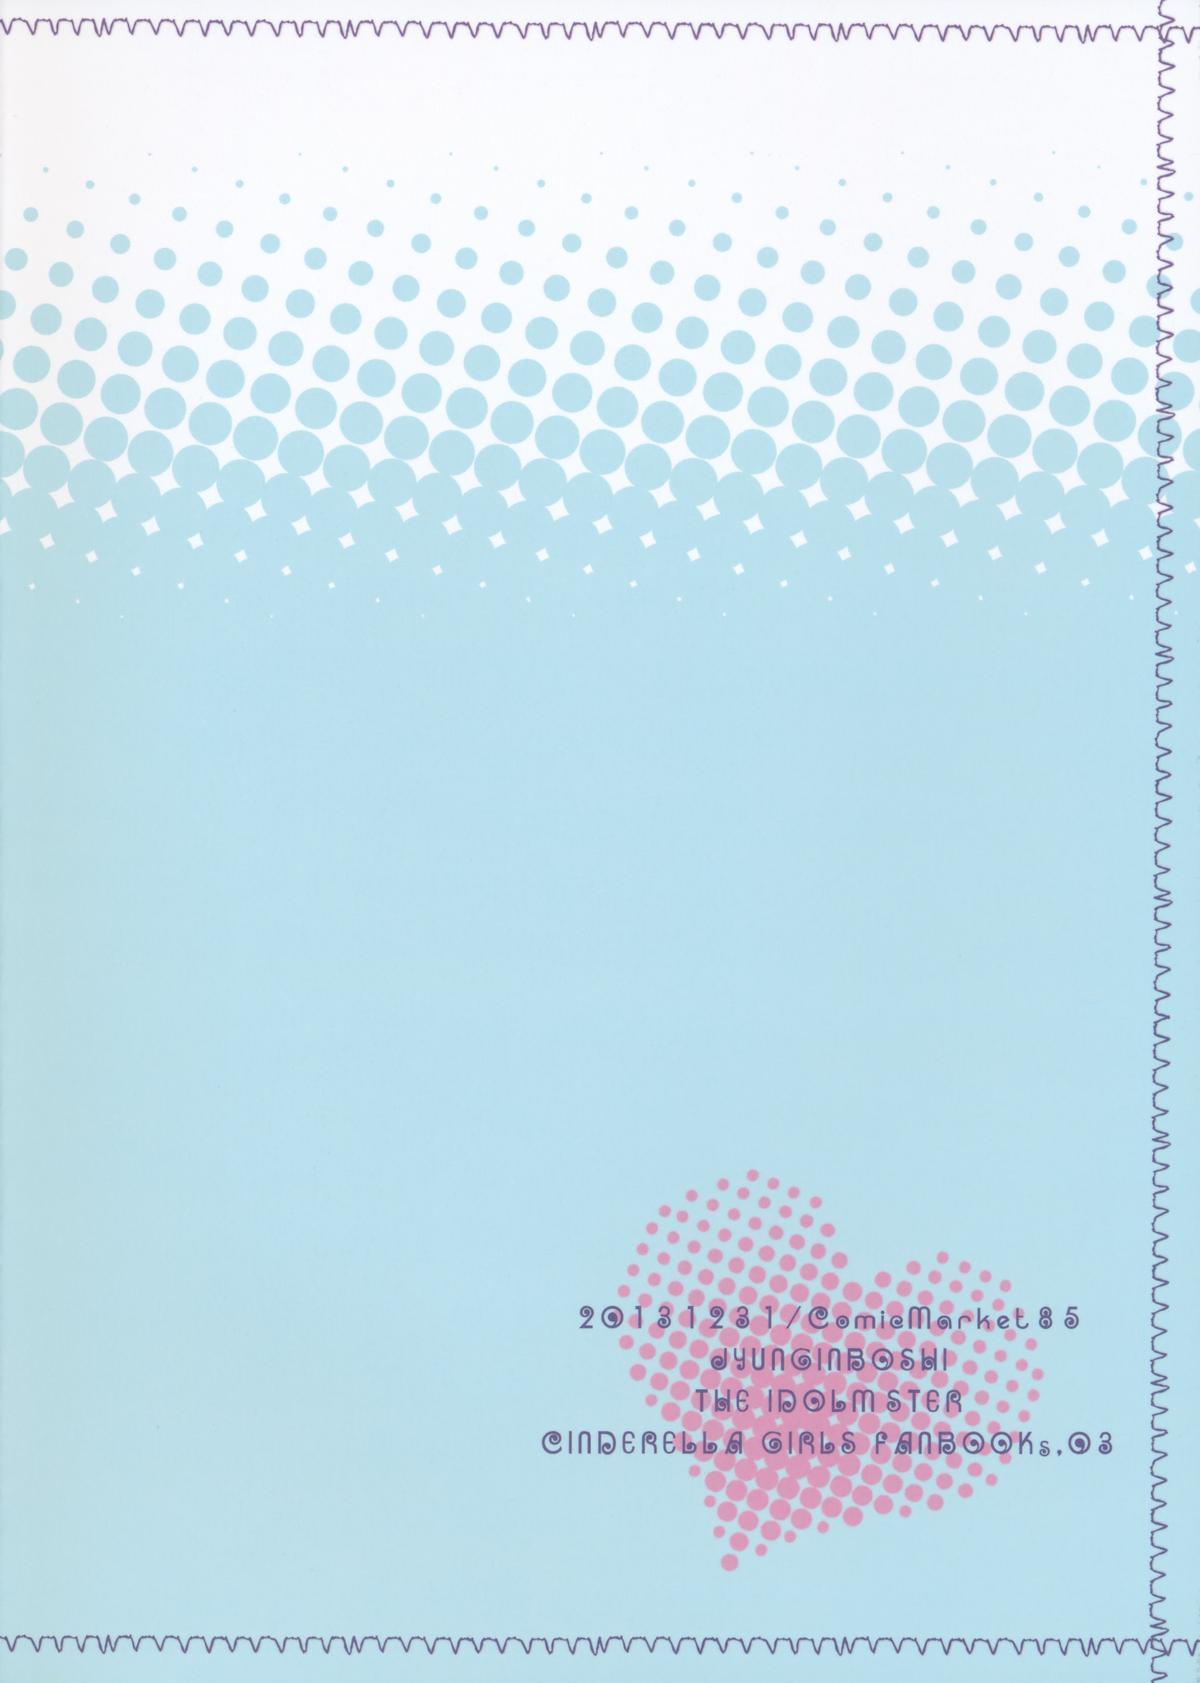 Yukimi To kozue No Tokubetu Live 23